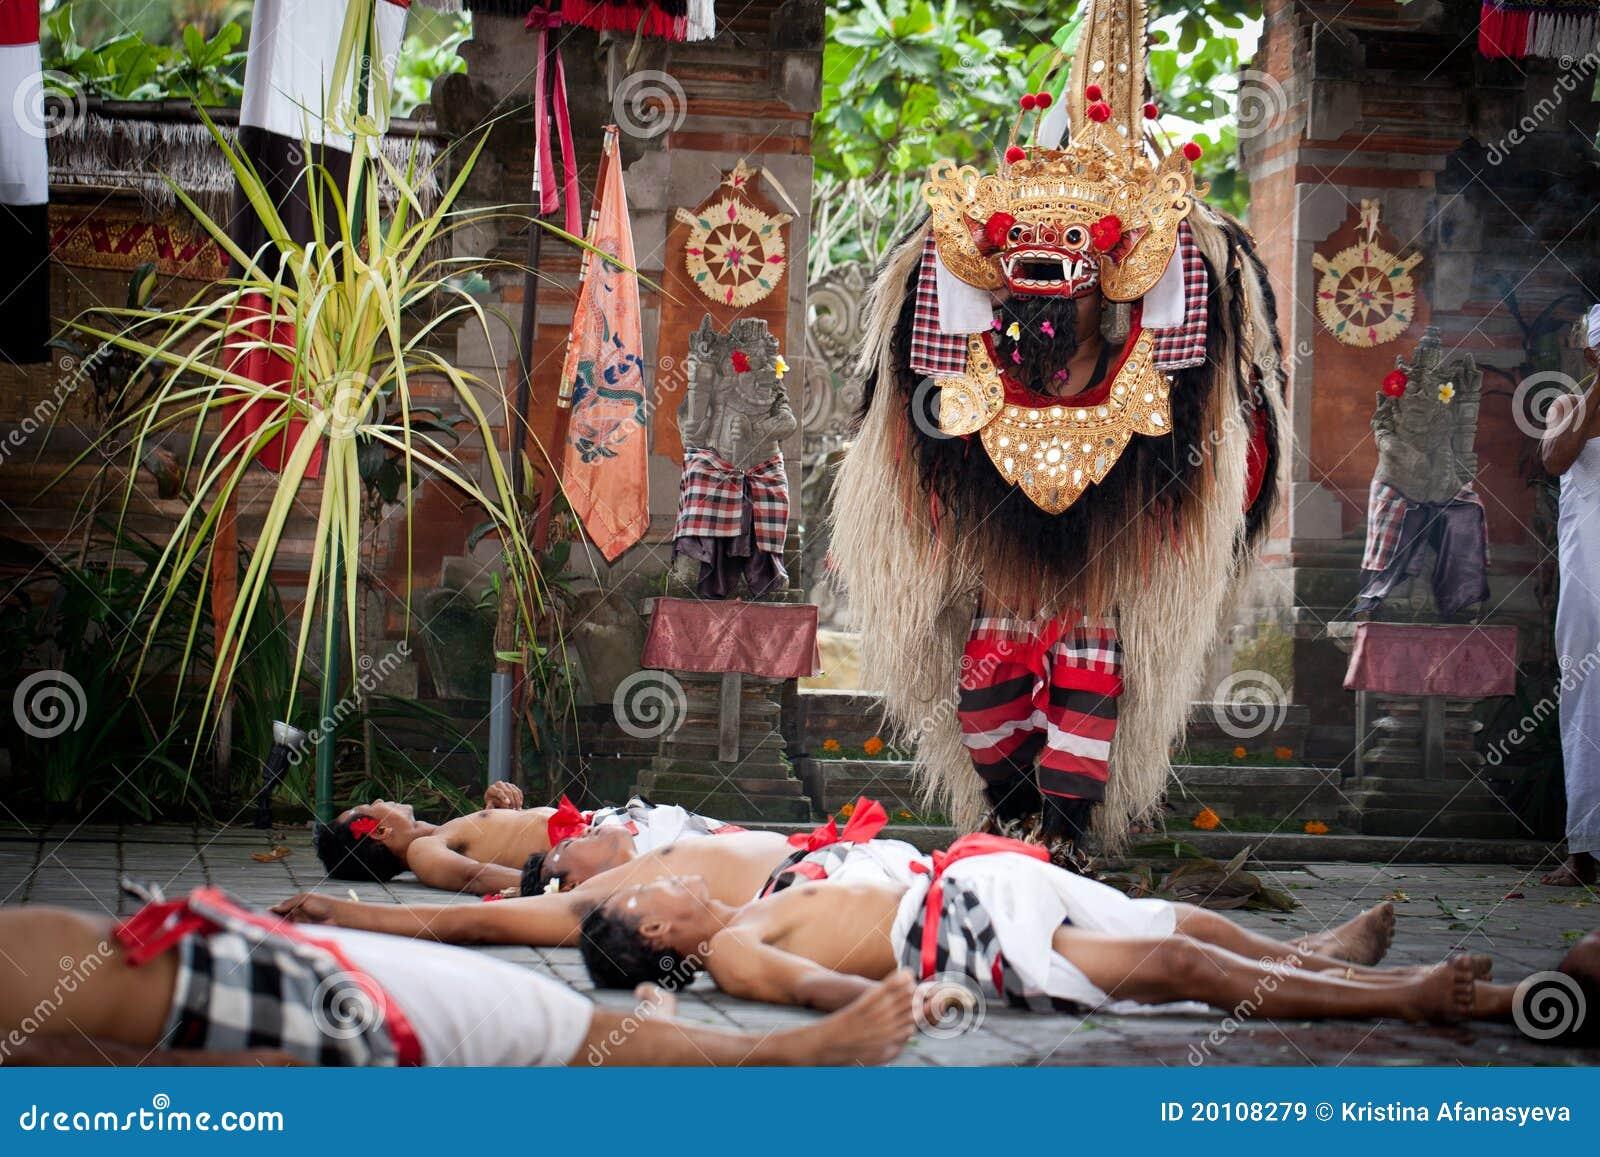 Barong Dance Batubulan